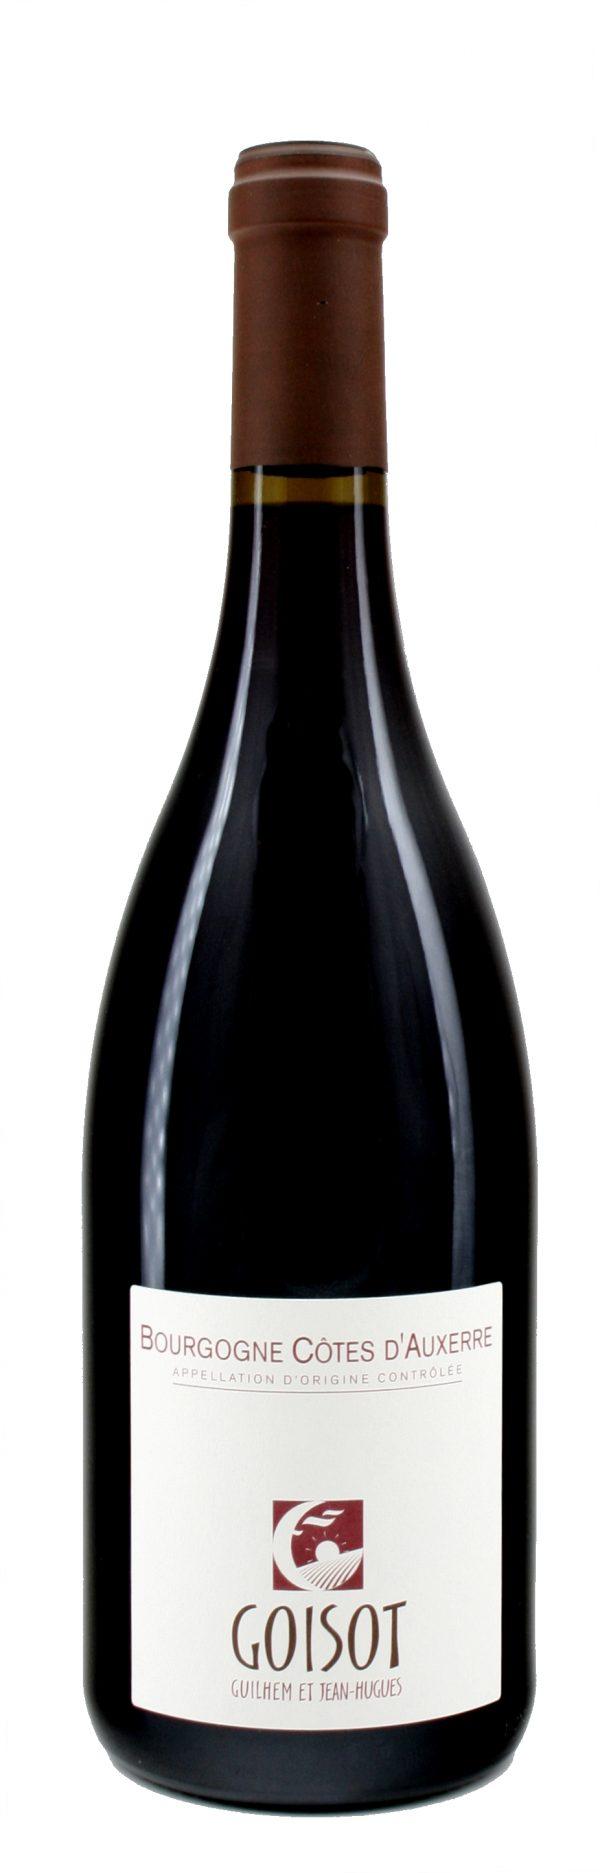 Bourgogne Côtes d'Auxerre Pinot Noir 2017